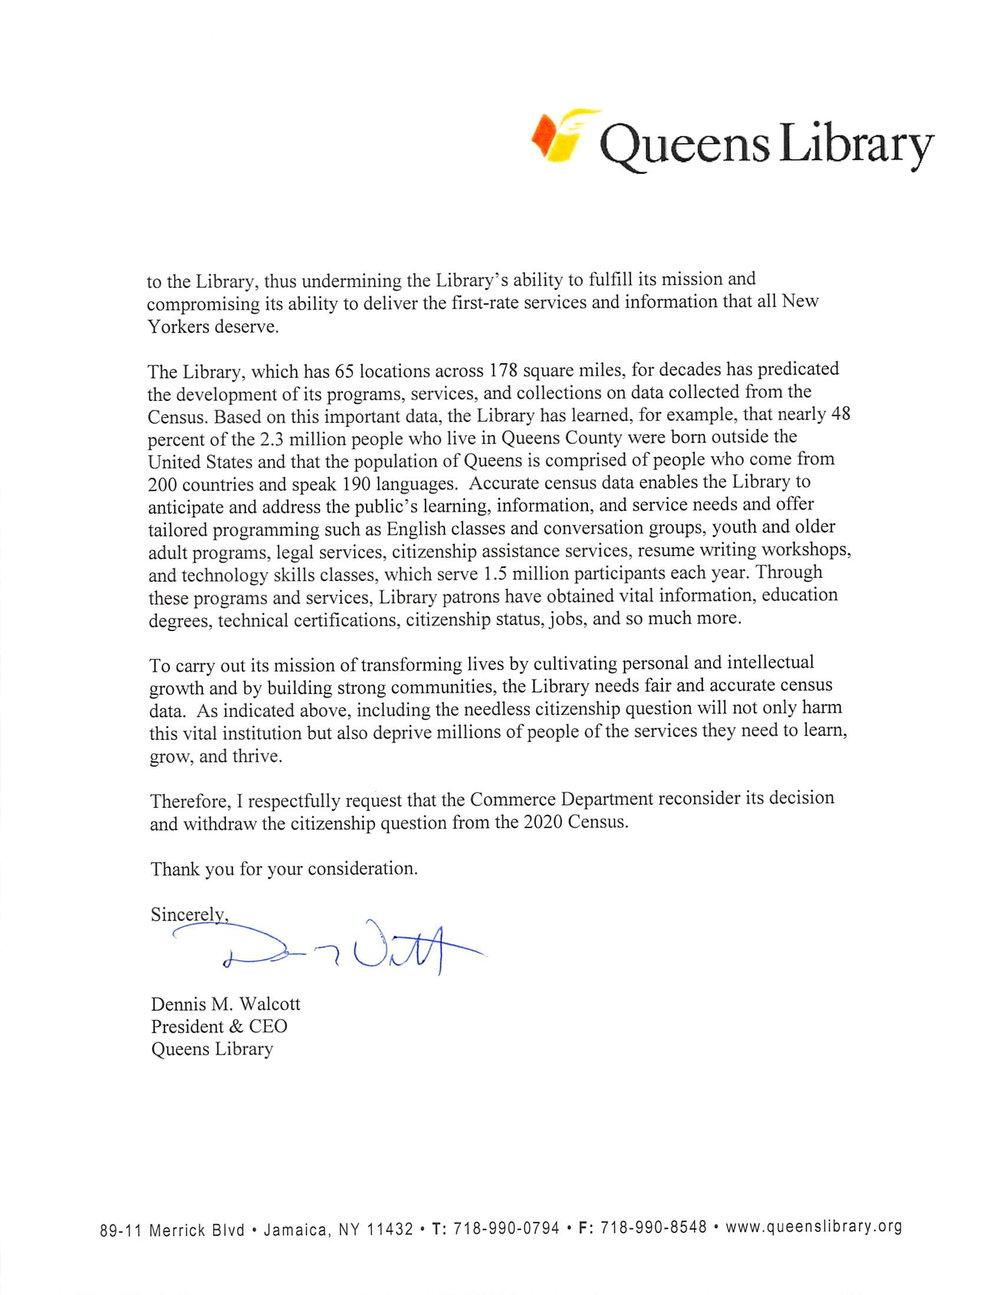 Census Letter_QBPL-2.jpg